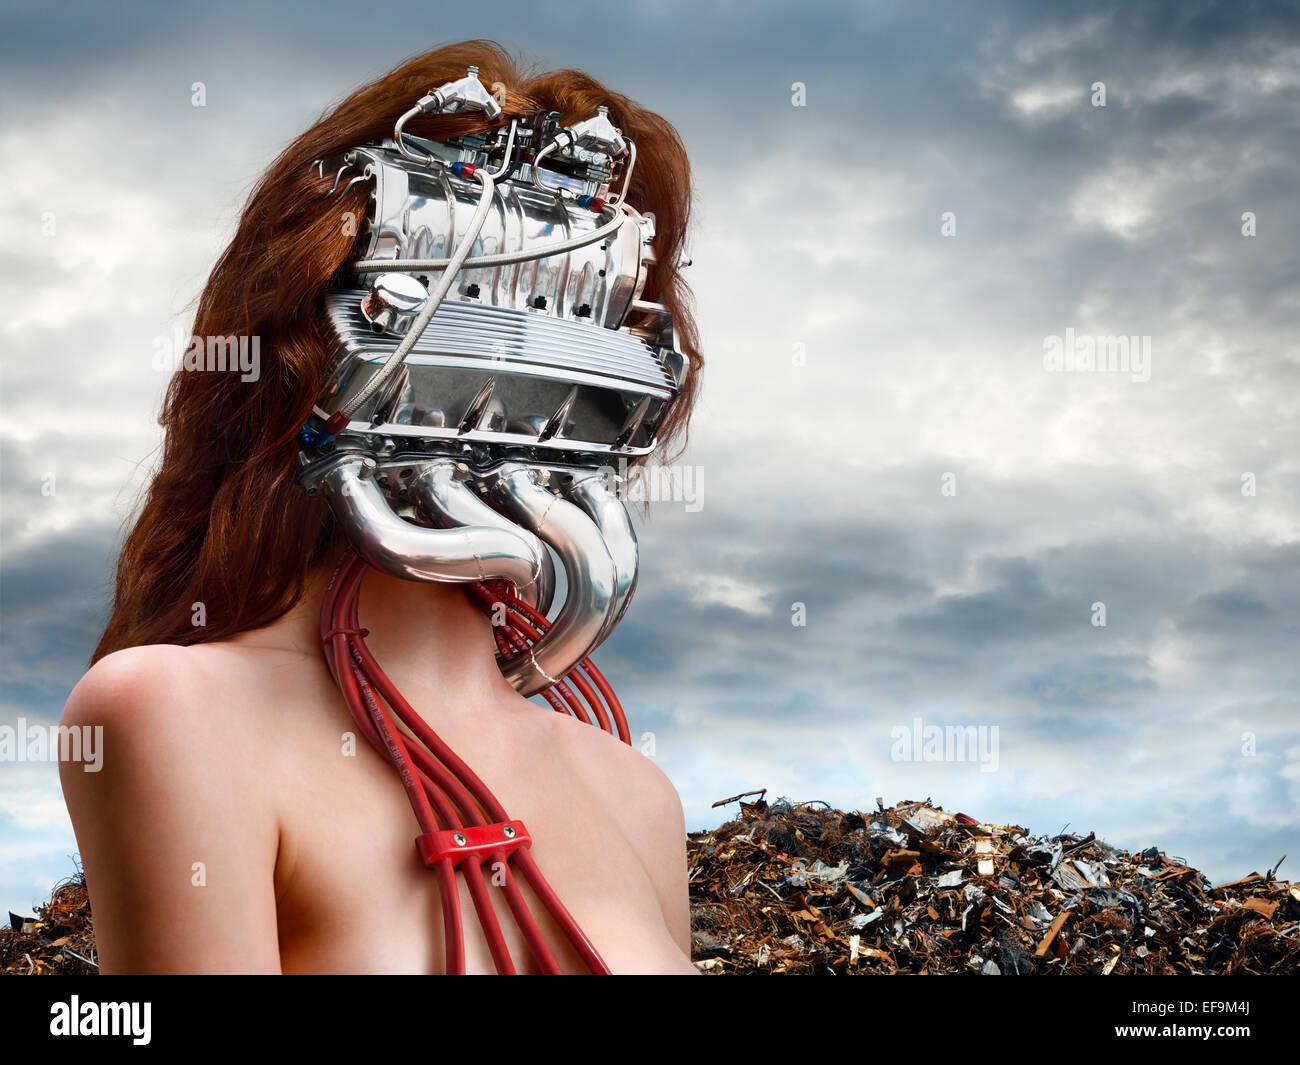 Fantasia orizzontale immagine di donna con un auto a motore per una testa con un junkyard dietro di lei Immagini Stock